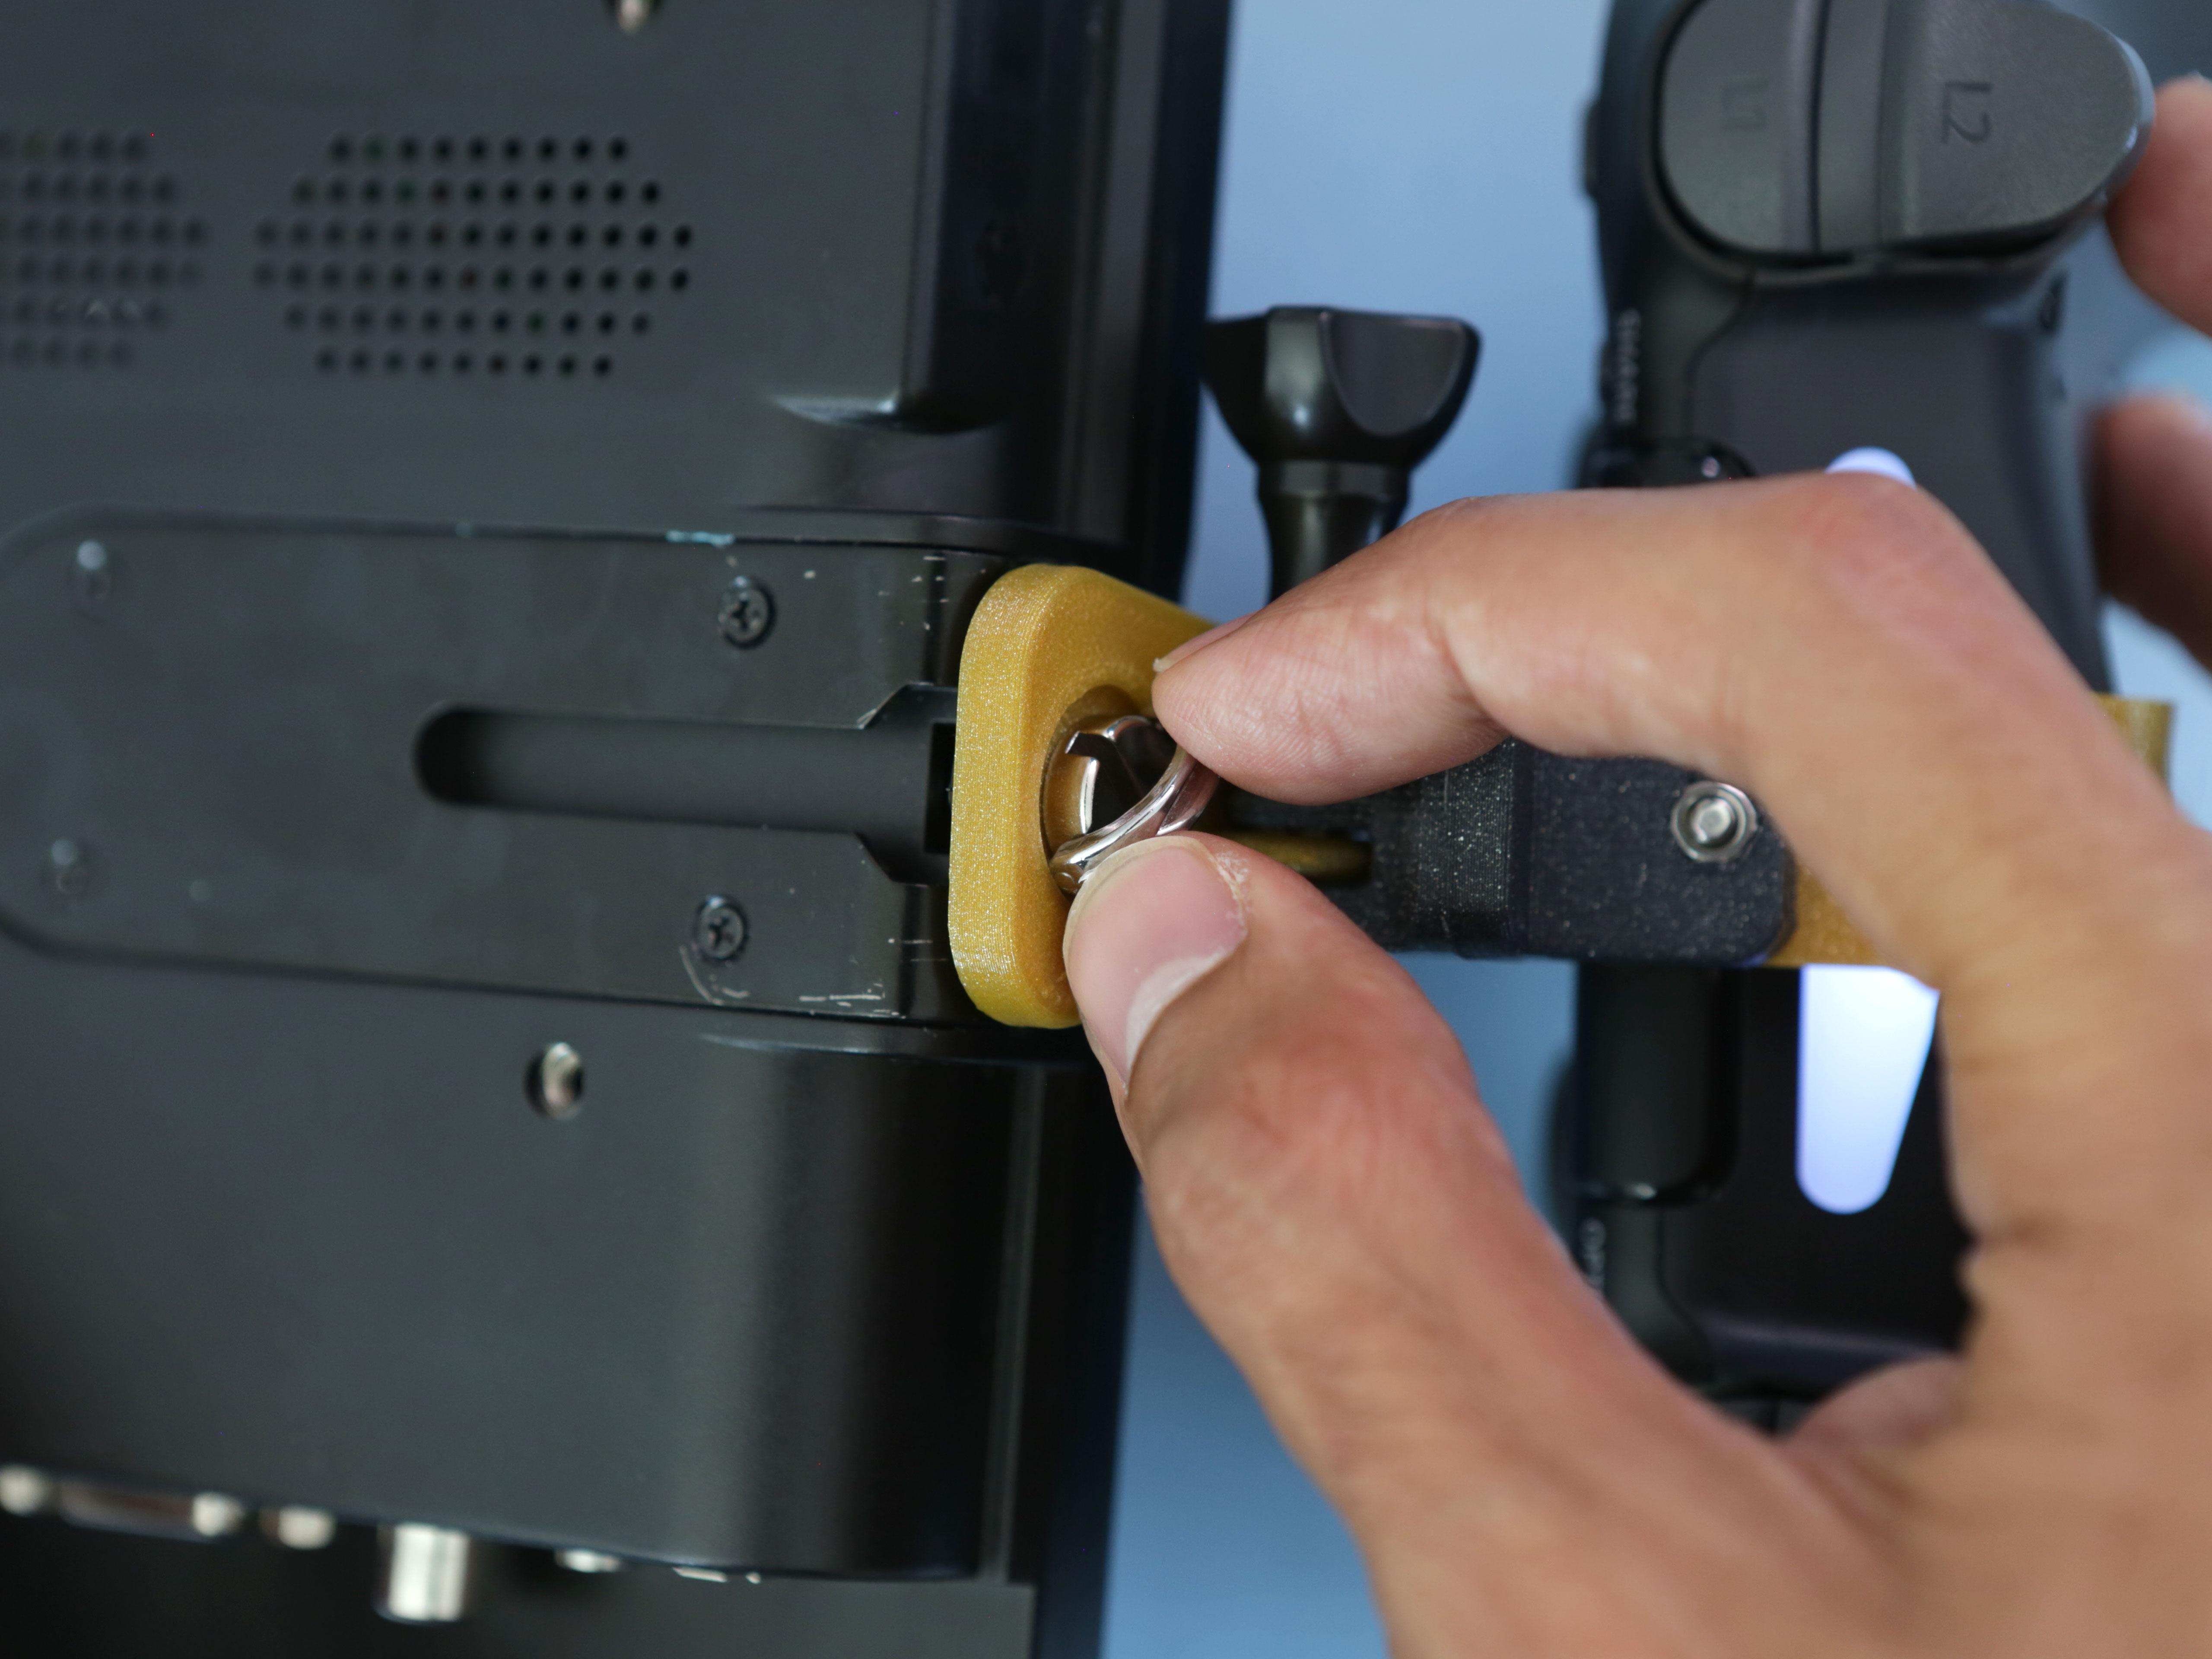 gaming_display-clamp-screw.jpg